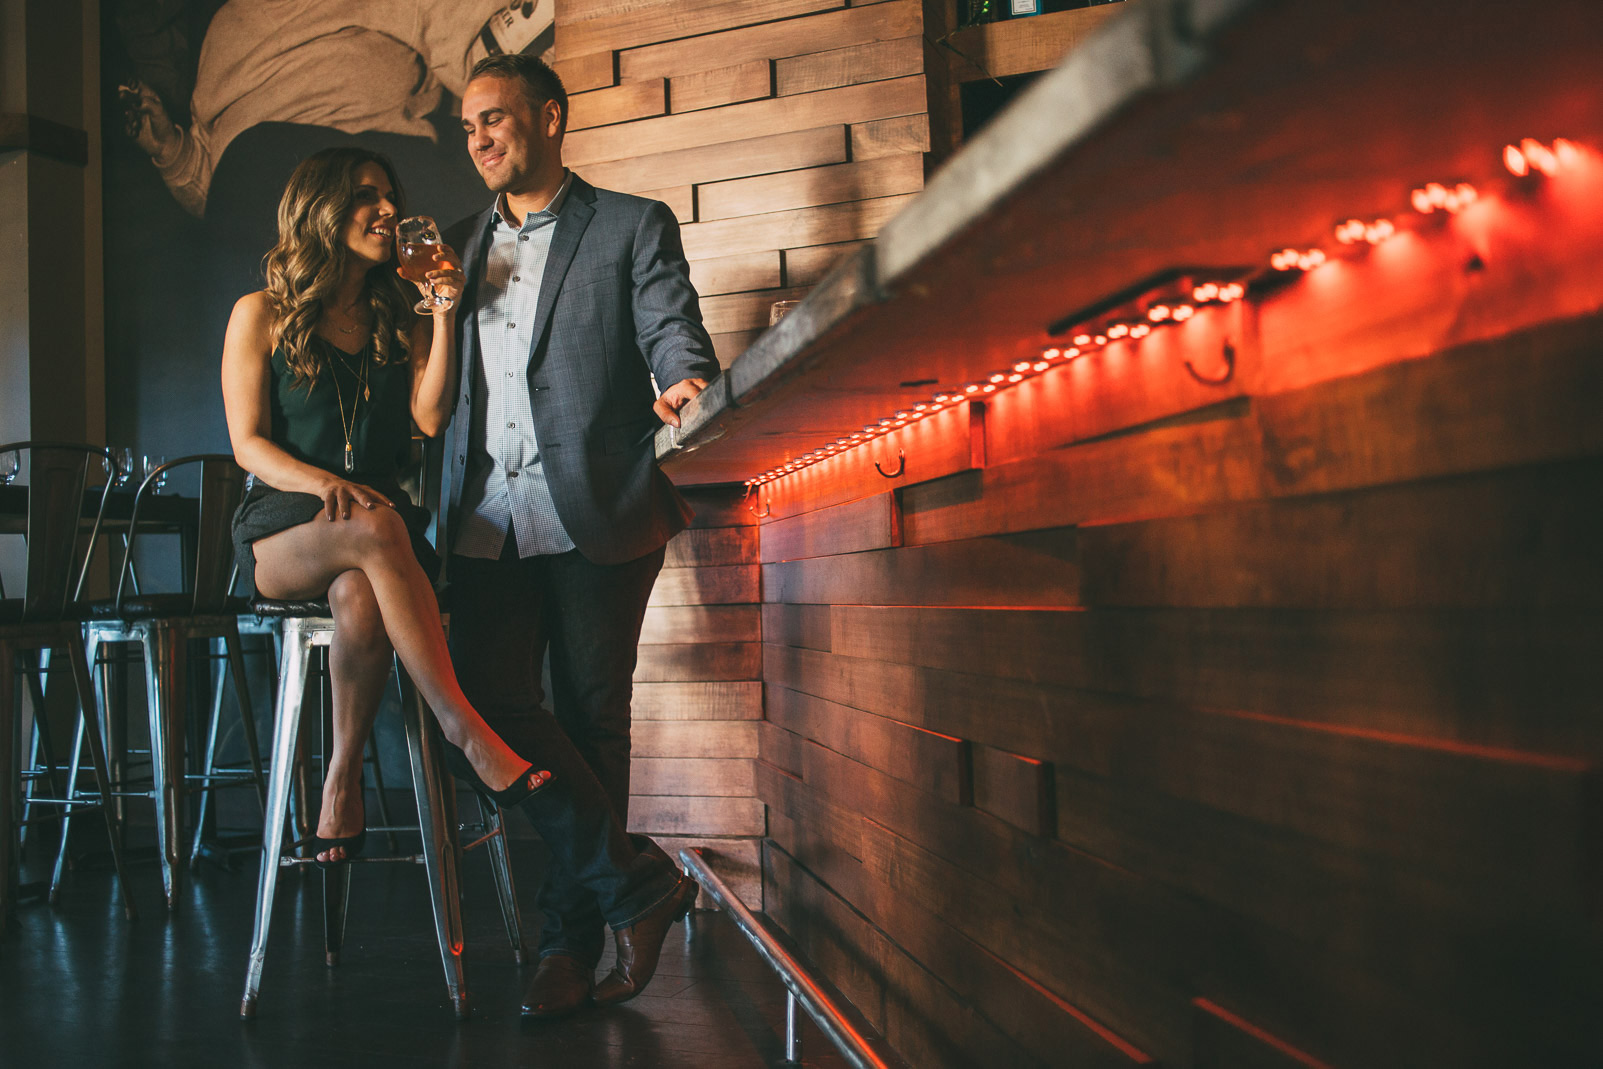 downtown-orlando-wedding-photography-engagement-amandajacob